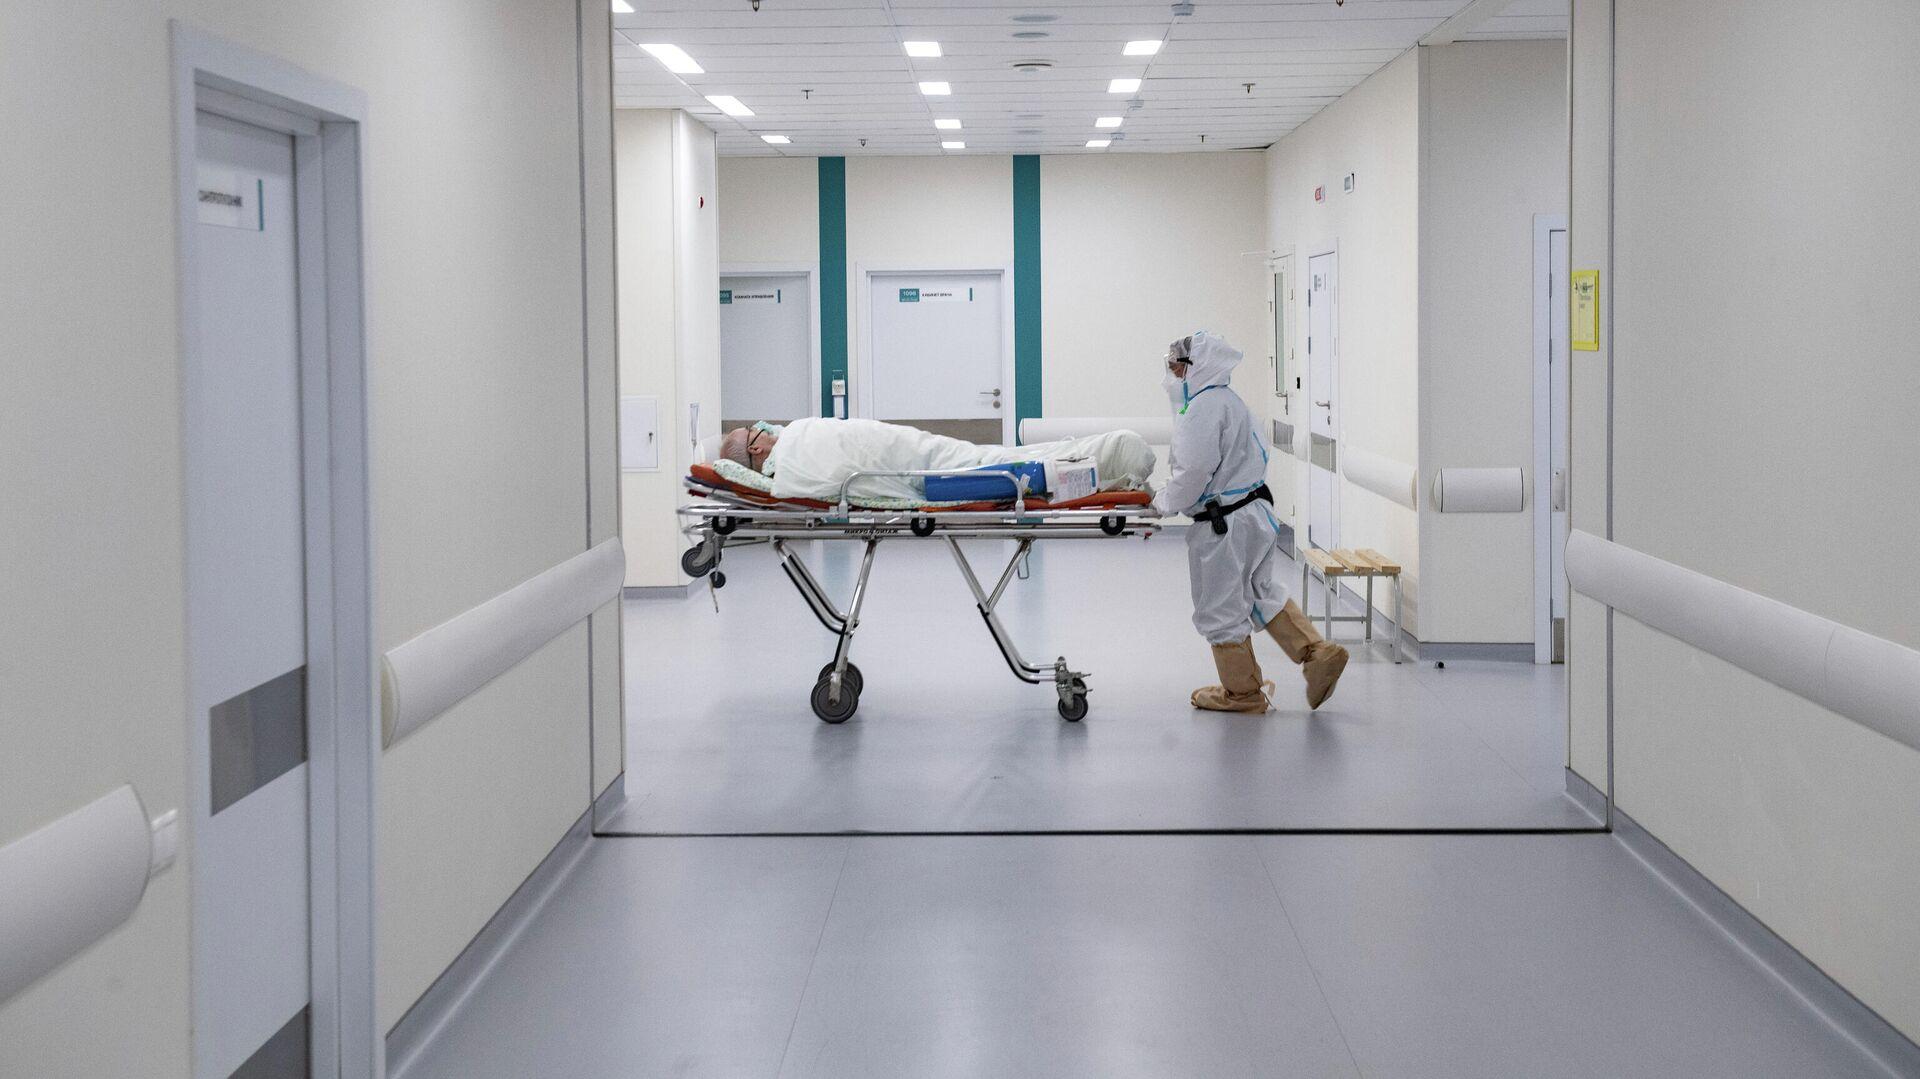 Врач перевозит пациента в городской клинической больнице №40 в Москве - РИА Новости, 1920, 11.02.2021